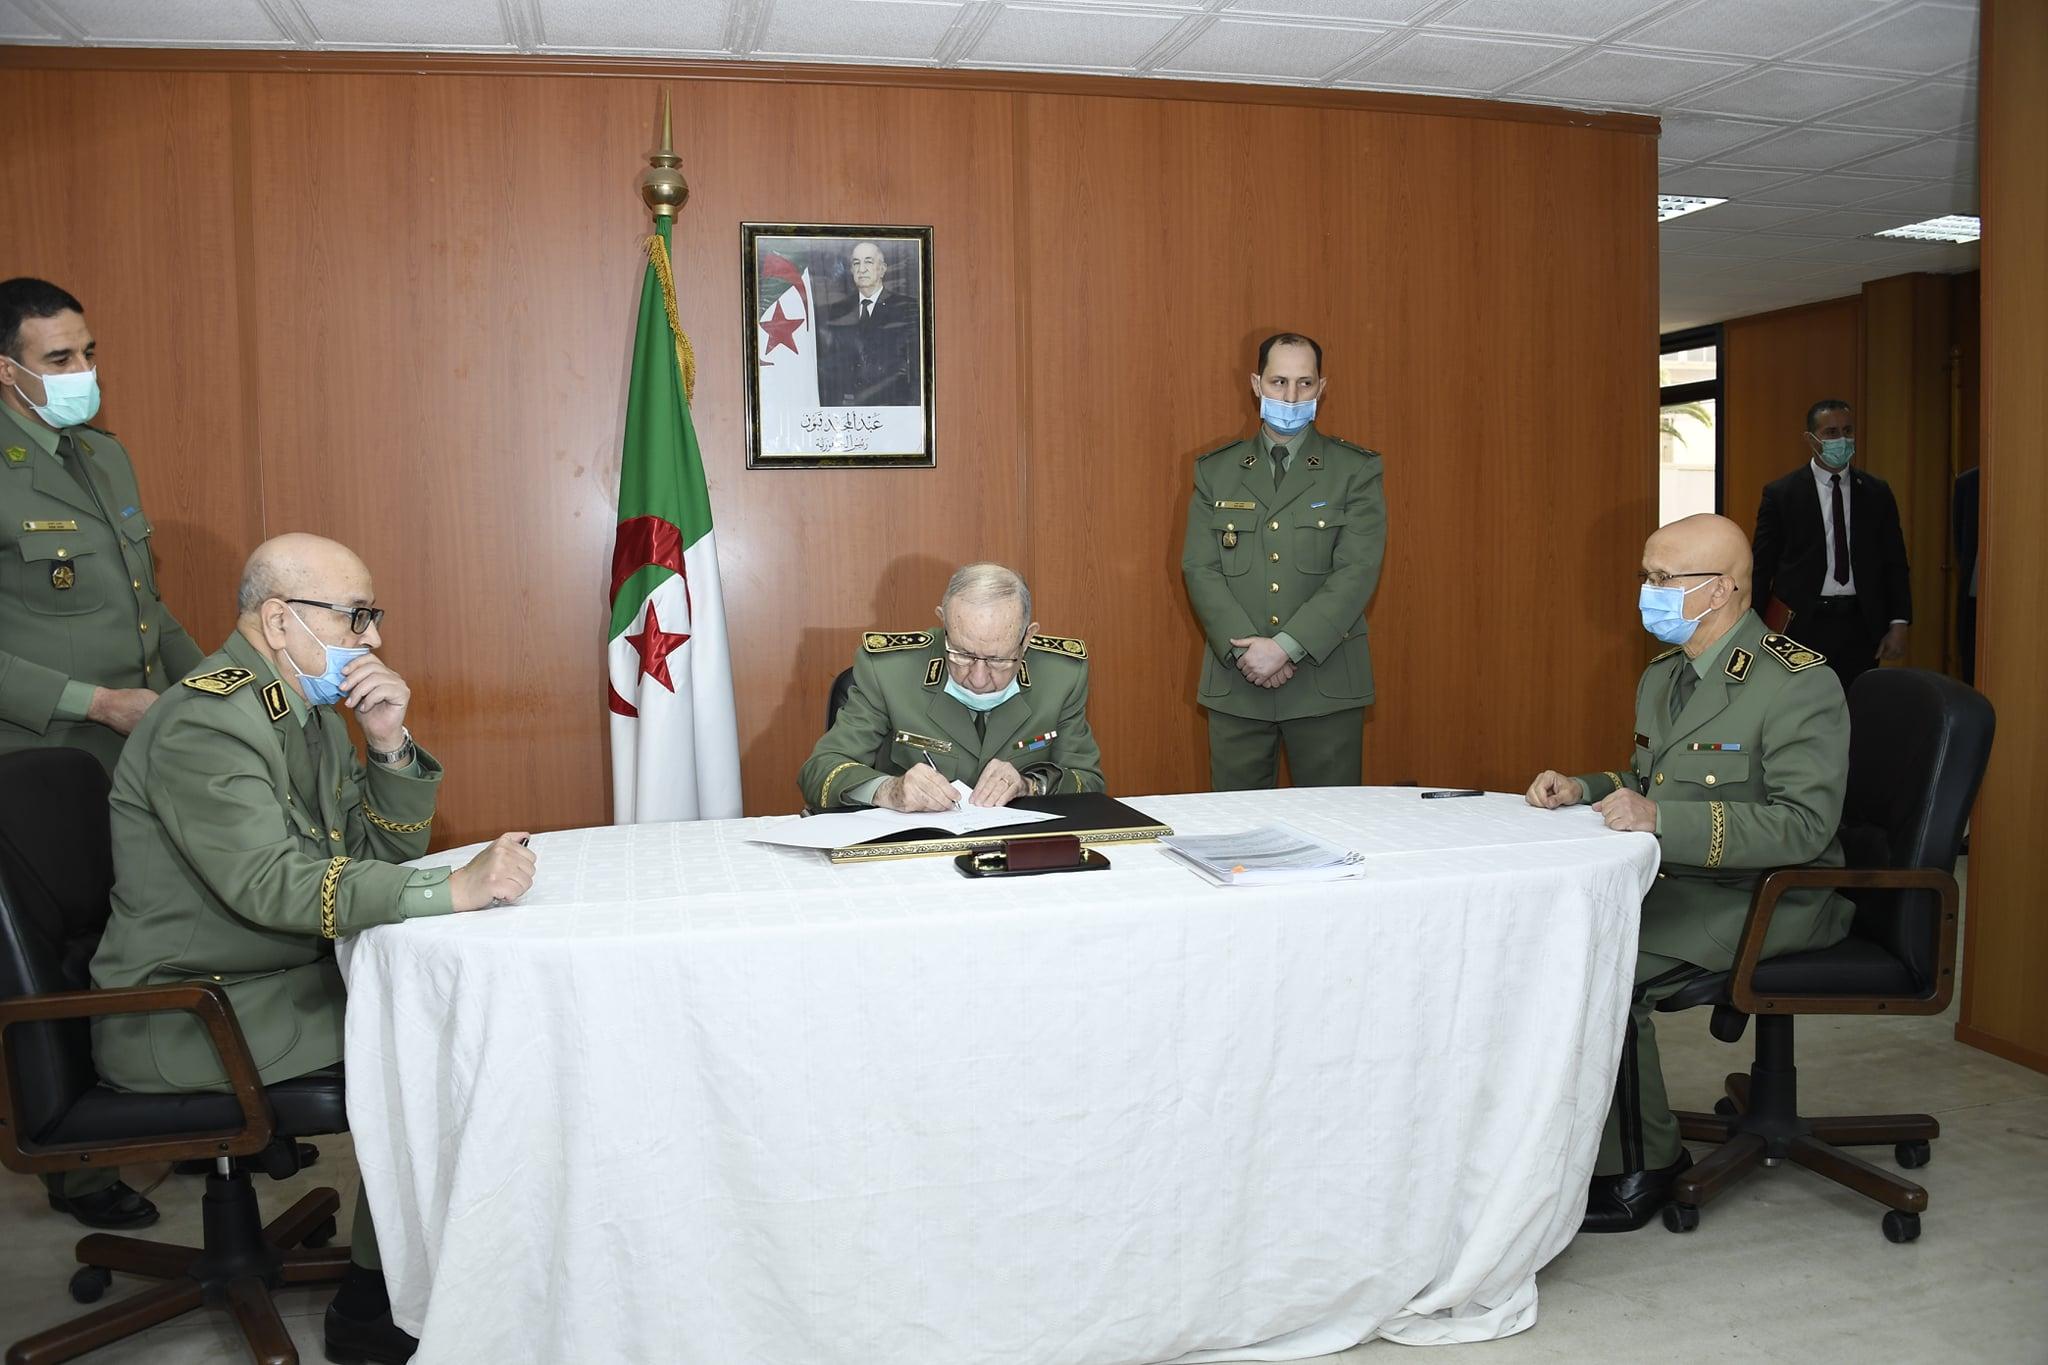 من هو الرئيس الجديد للمخابرات الخارجية الجزائرية؟